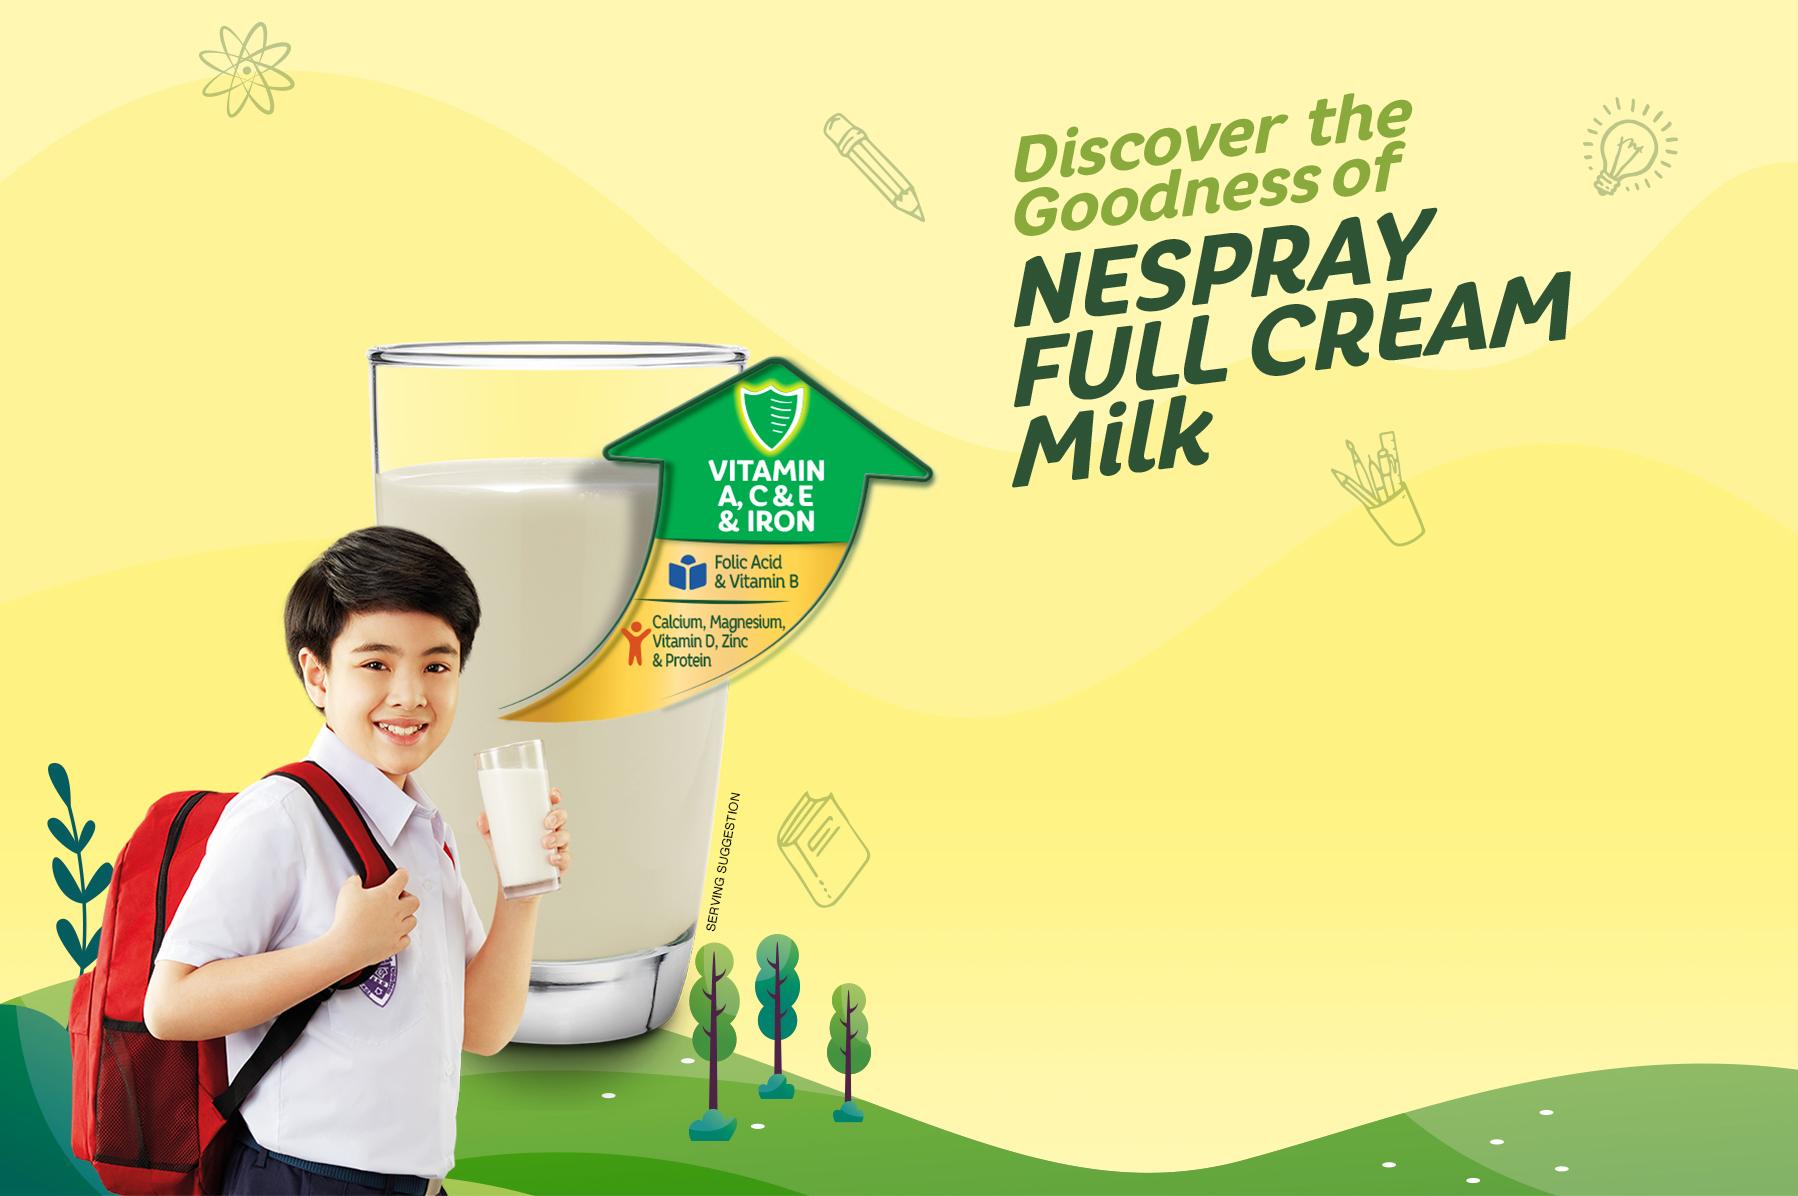 Discover the Goodness of Nespray